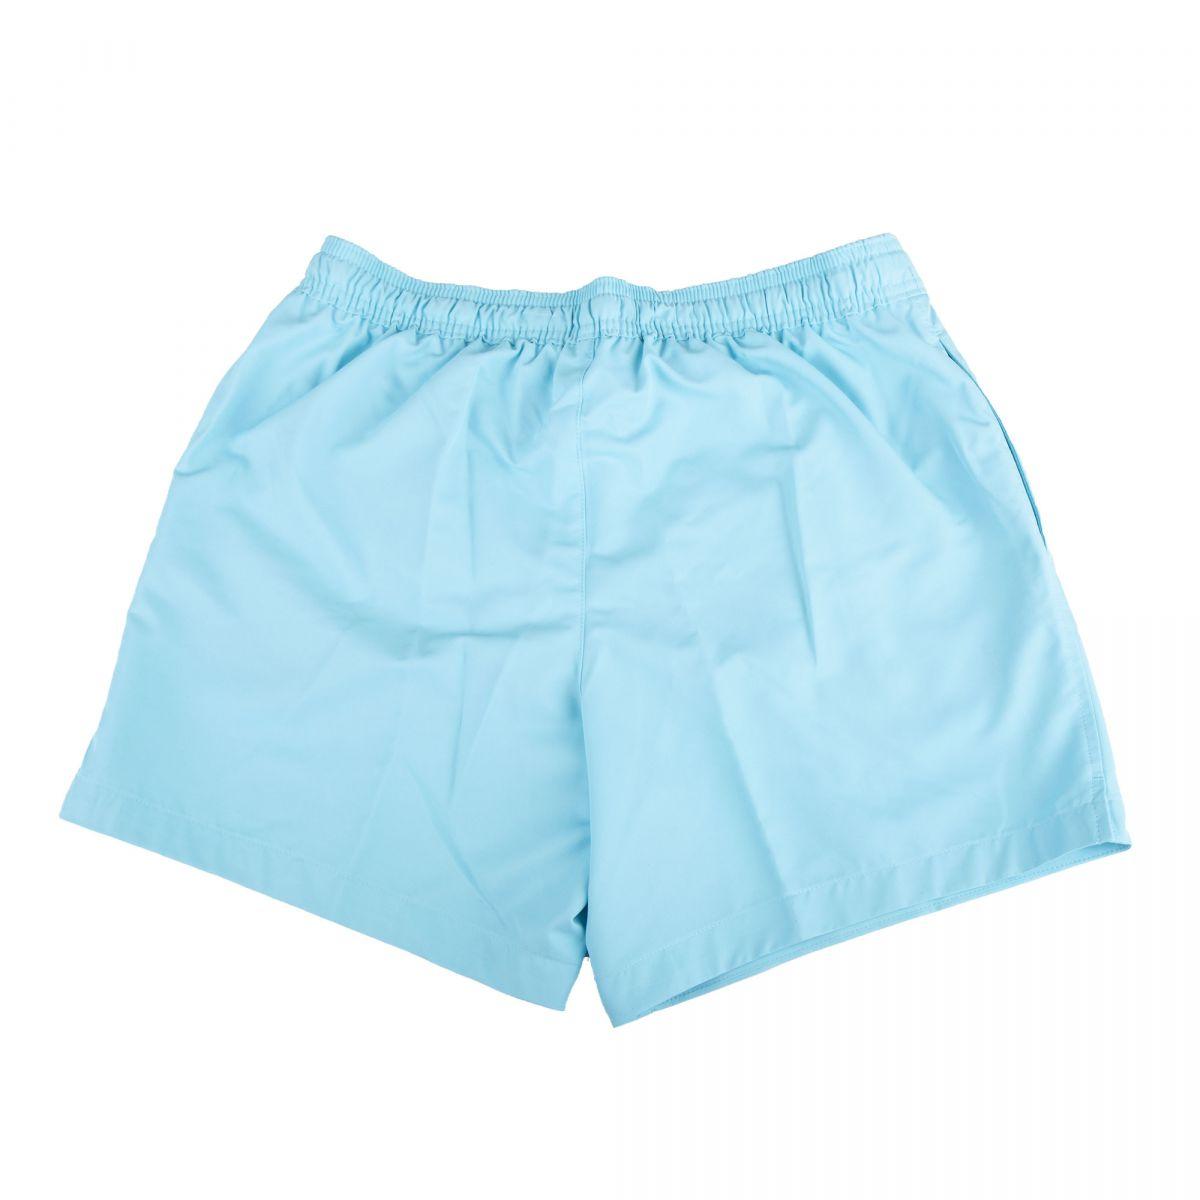 fafd547b8f4 ... Short de bain bleu détail orange homme CALVIN KLEIN marque pas cher  prix dégriffés destockage ...